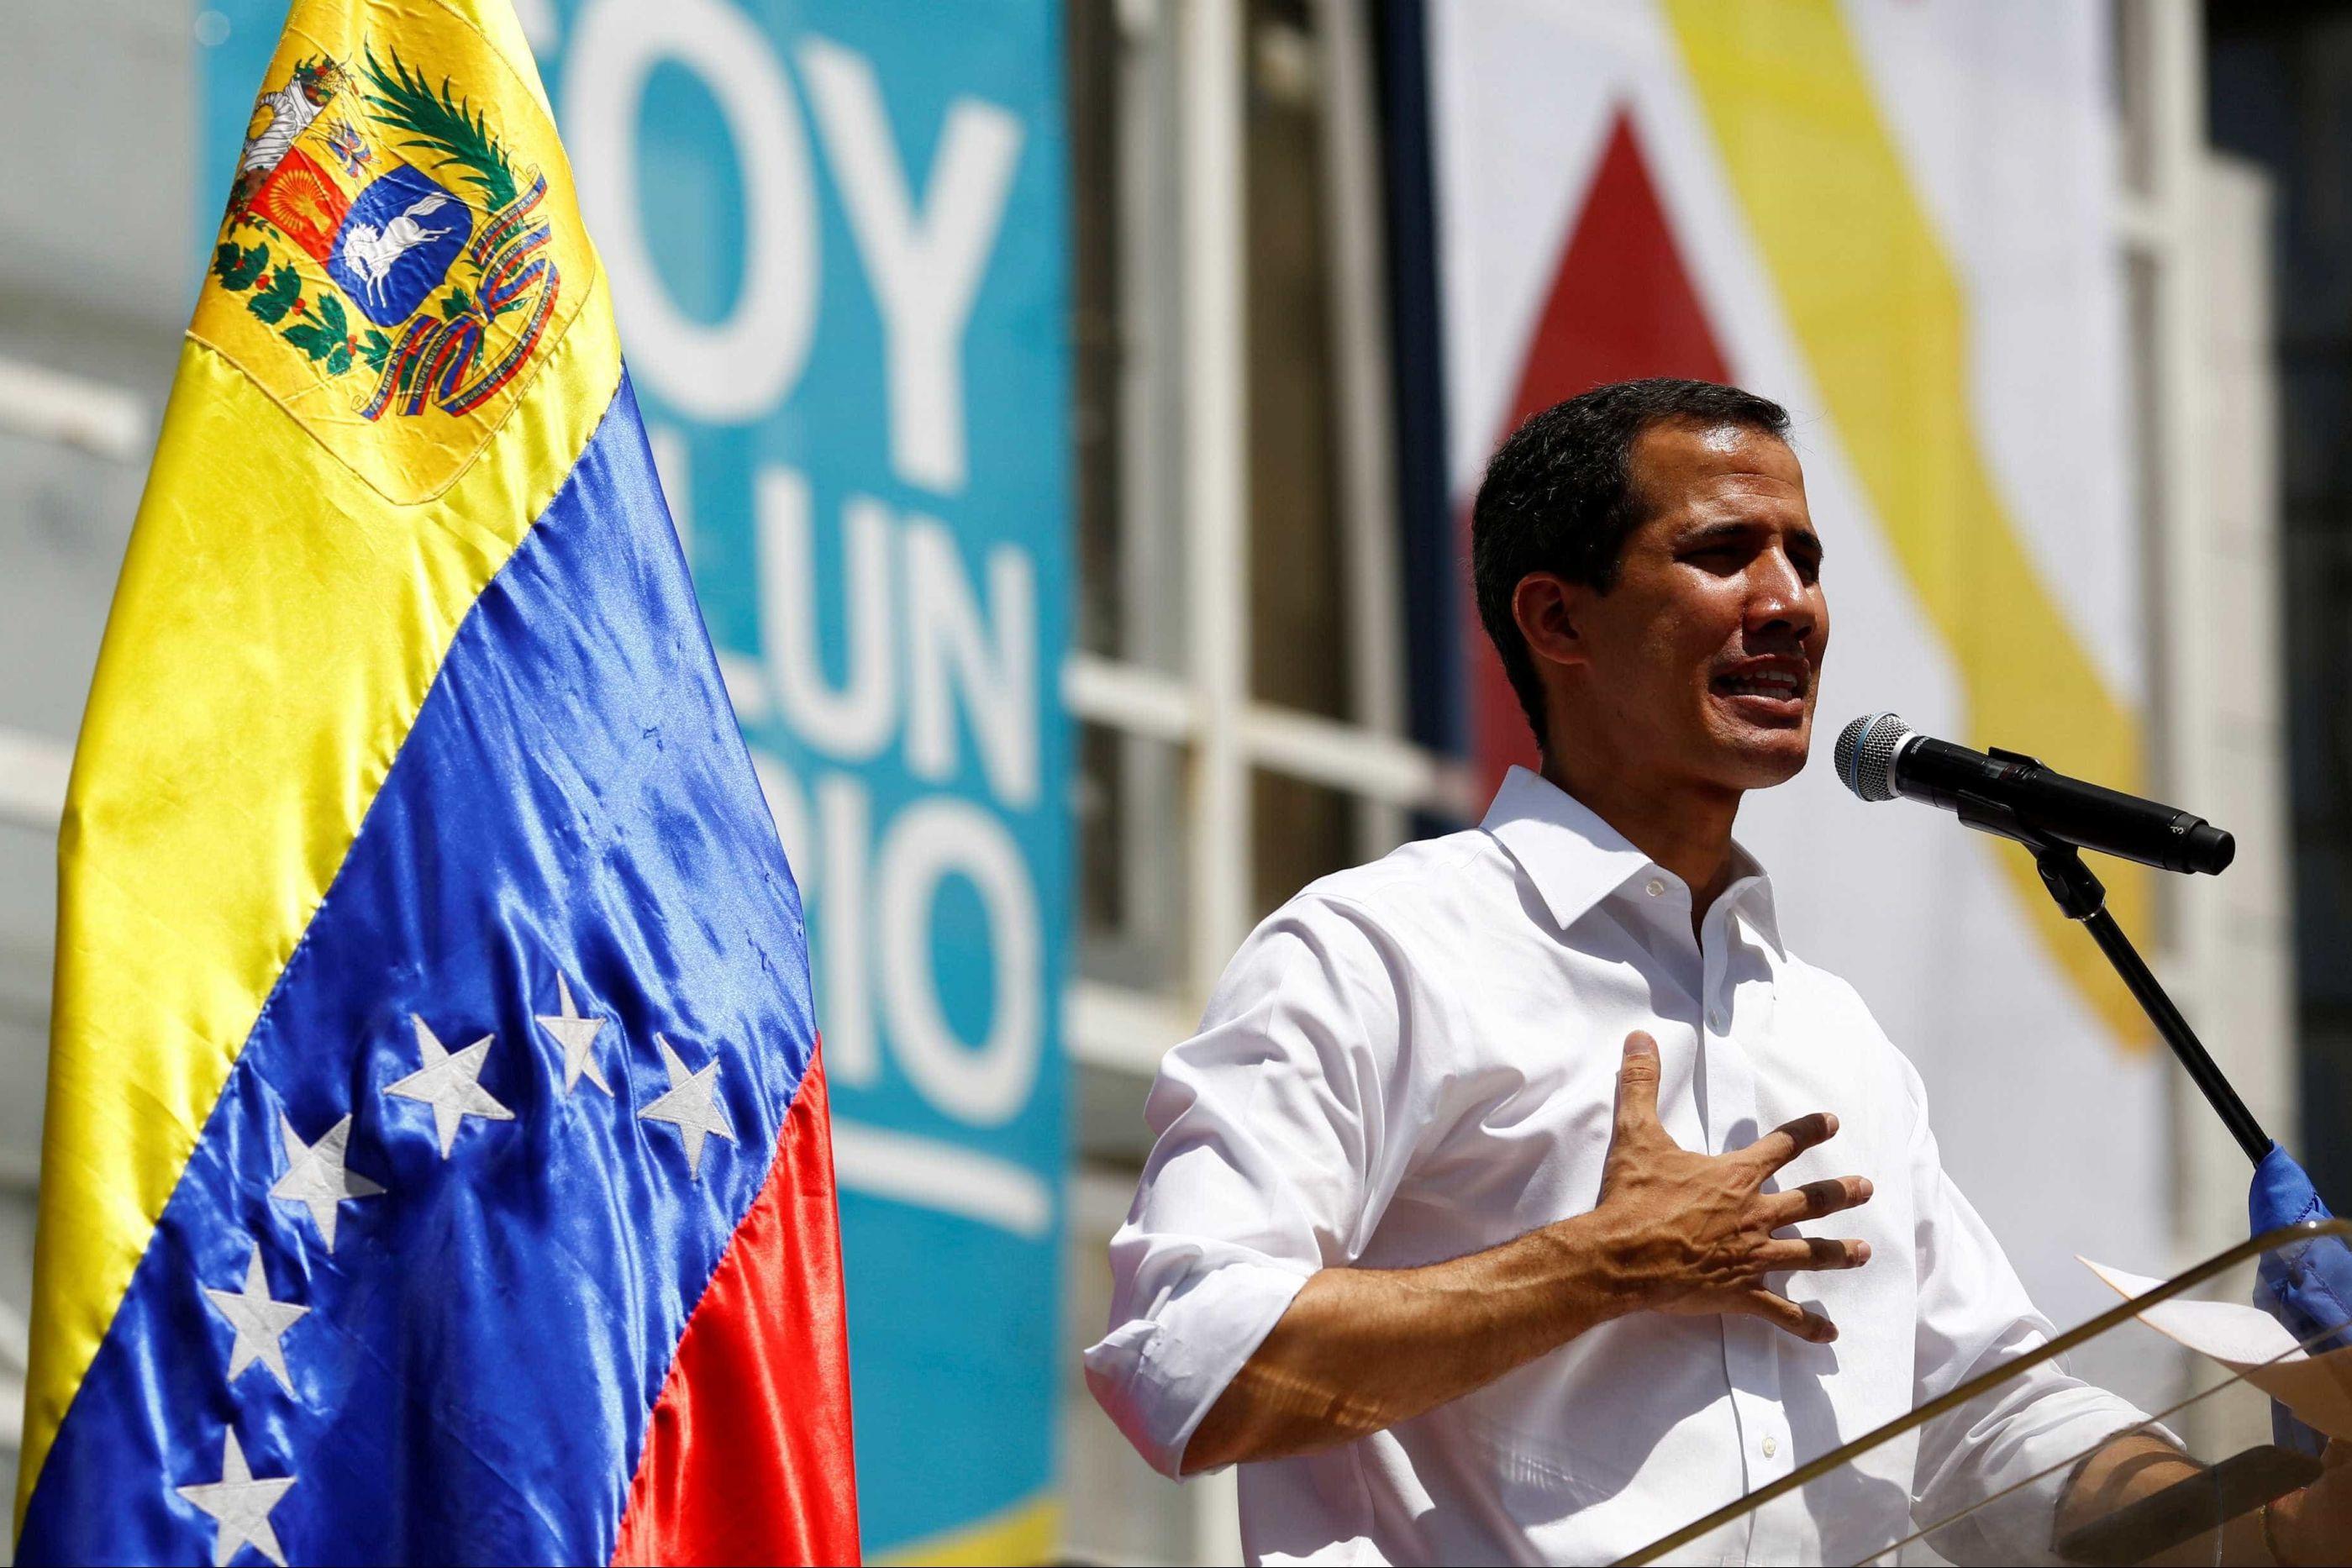 Representante de Guaidó descarta retirada do país da OEA